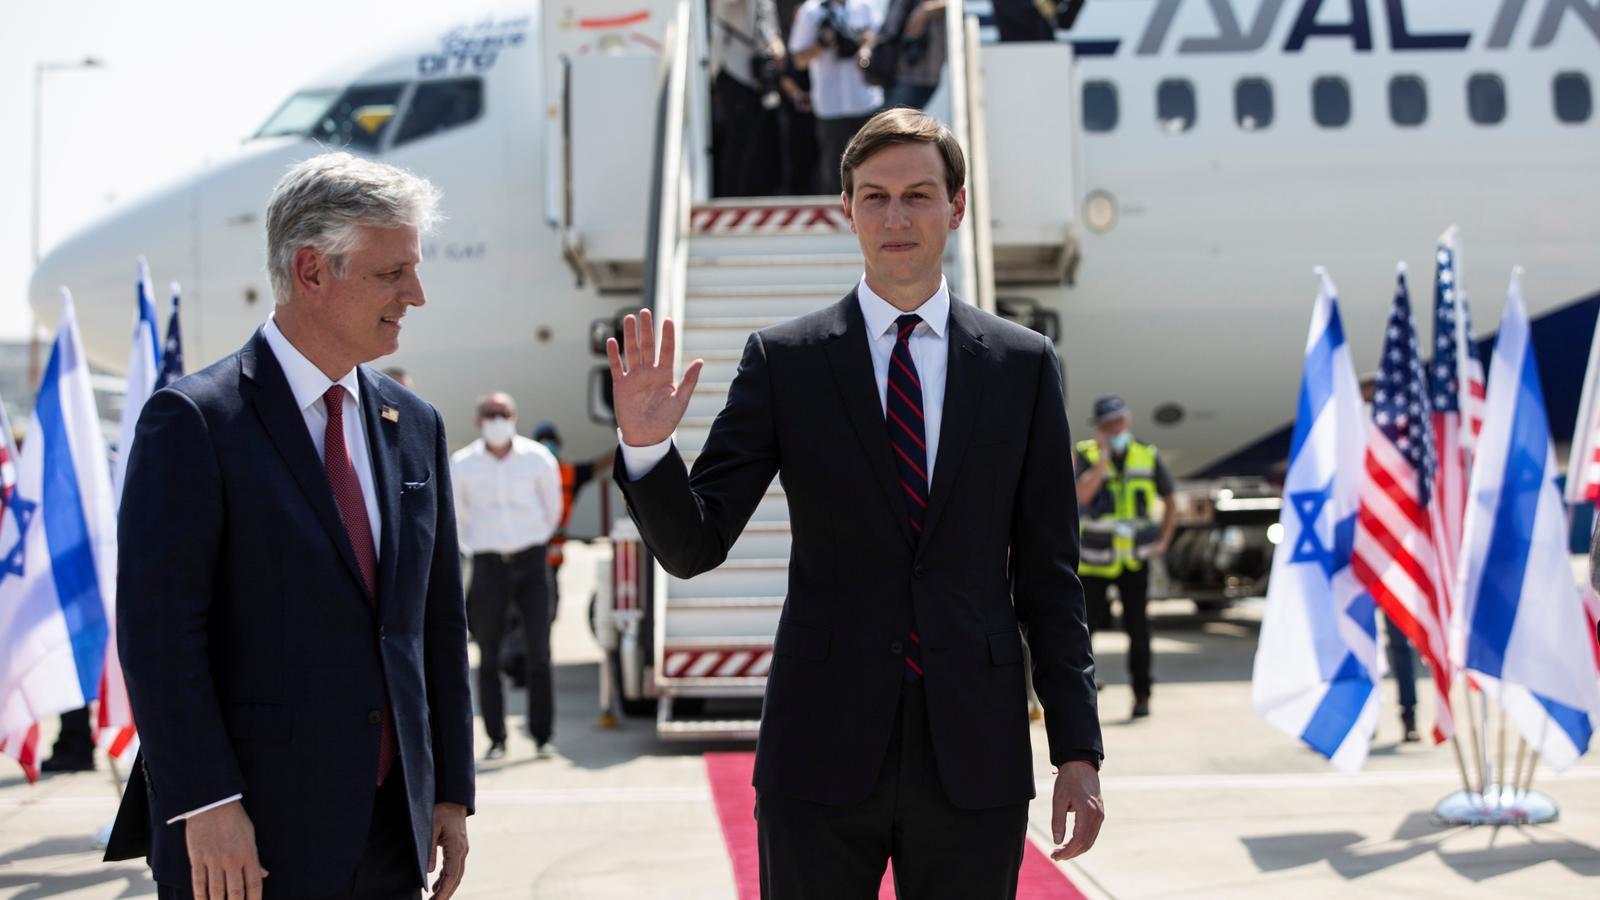 L'assessor i gendre de Donald Trump, Jared Kushner, saluda abans de pujar a l'avió a Tel Aviv